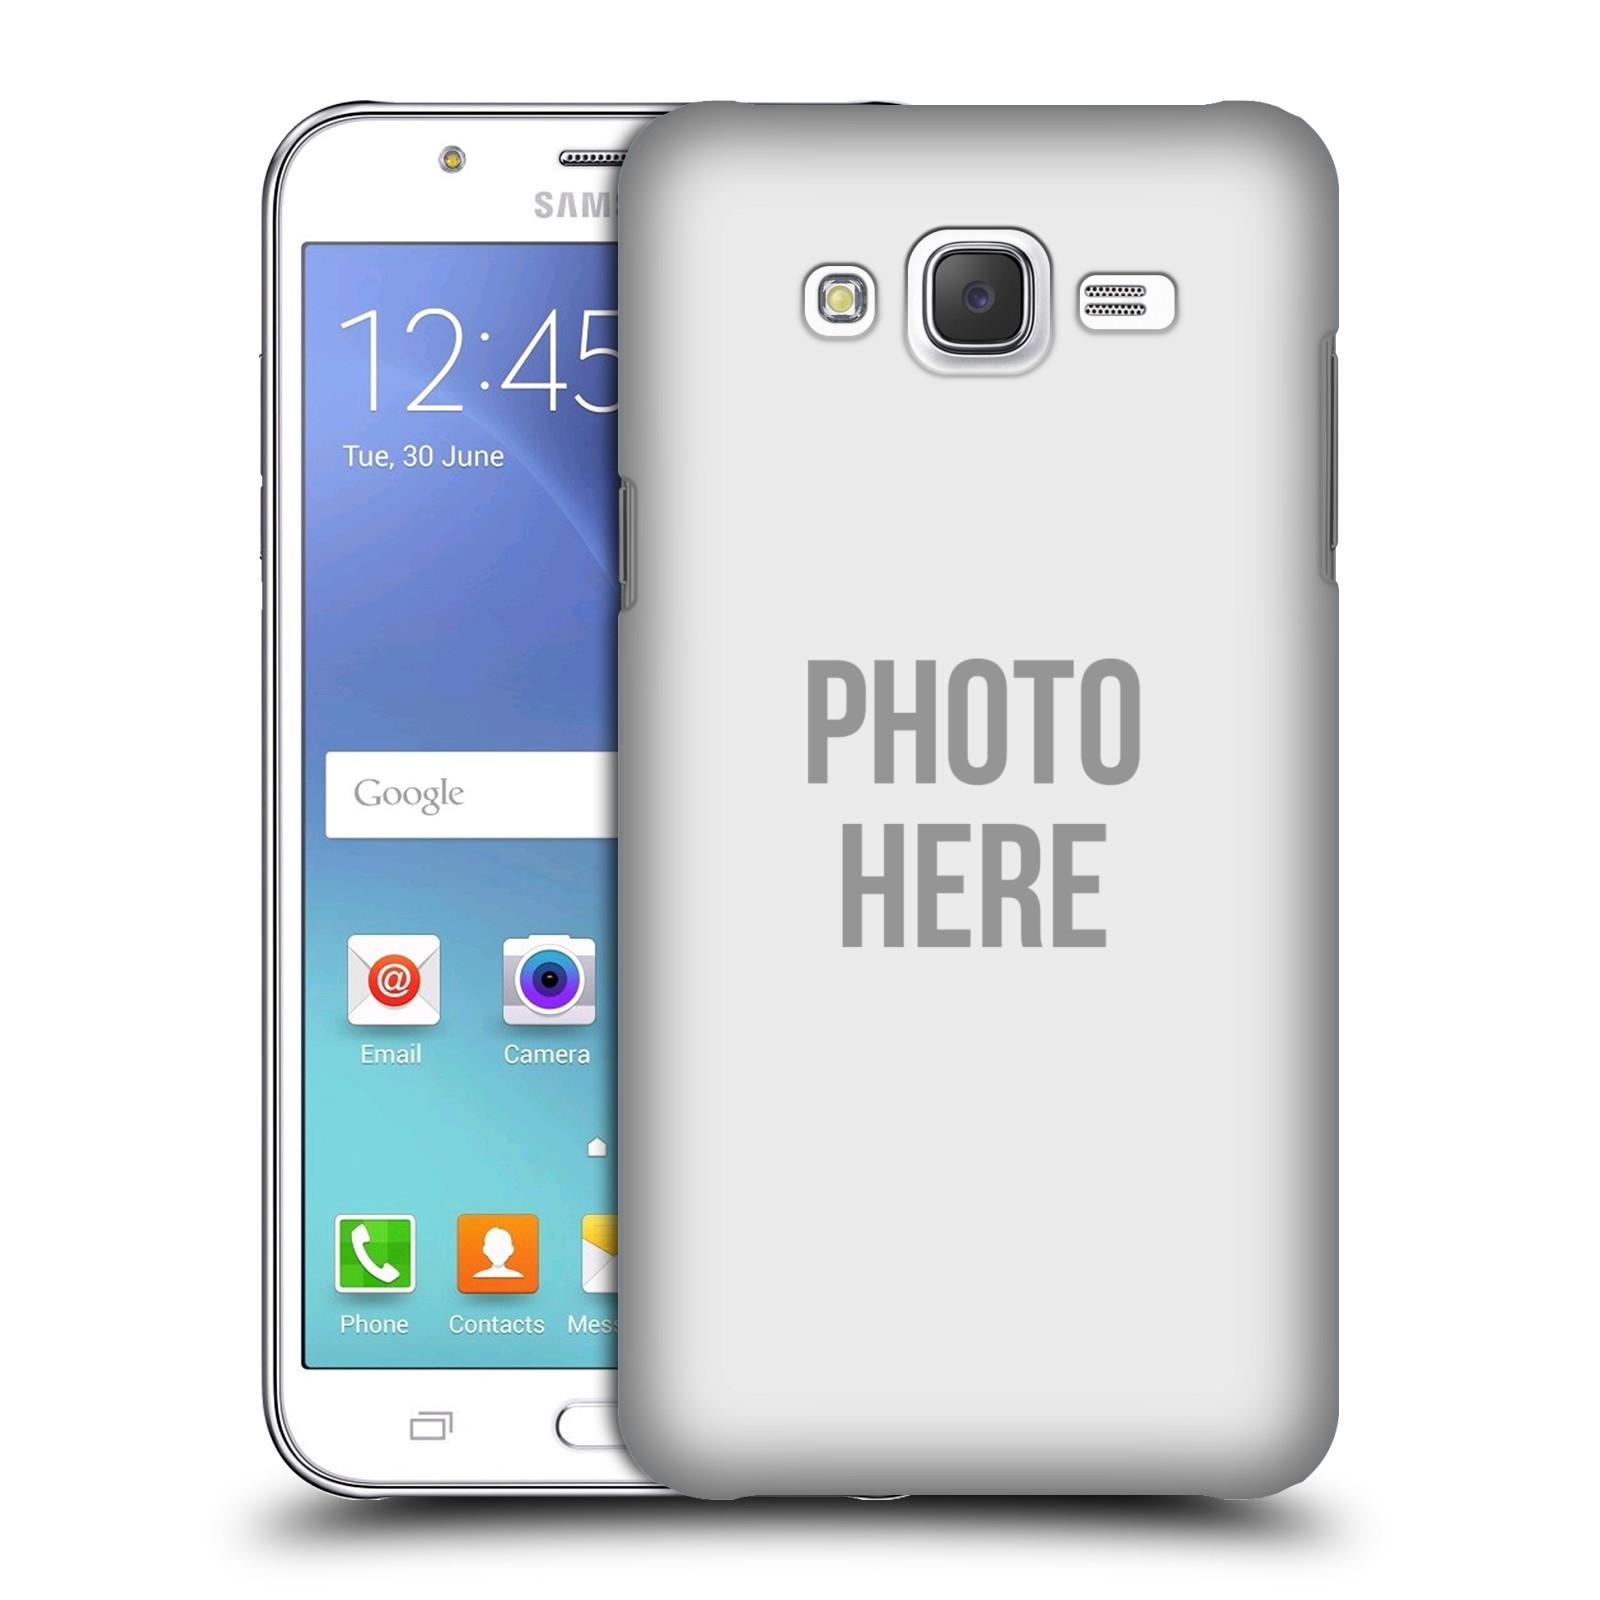 Pouzdra Samsung Silikonov Pouzdro Na Mobil J500 Galaxy J5 Head Case S Vlastnm Motivem